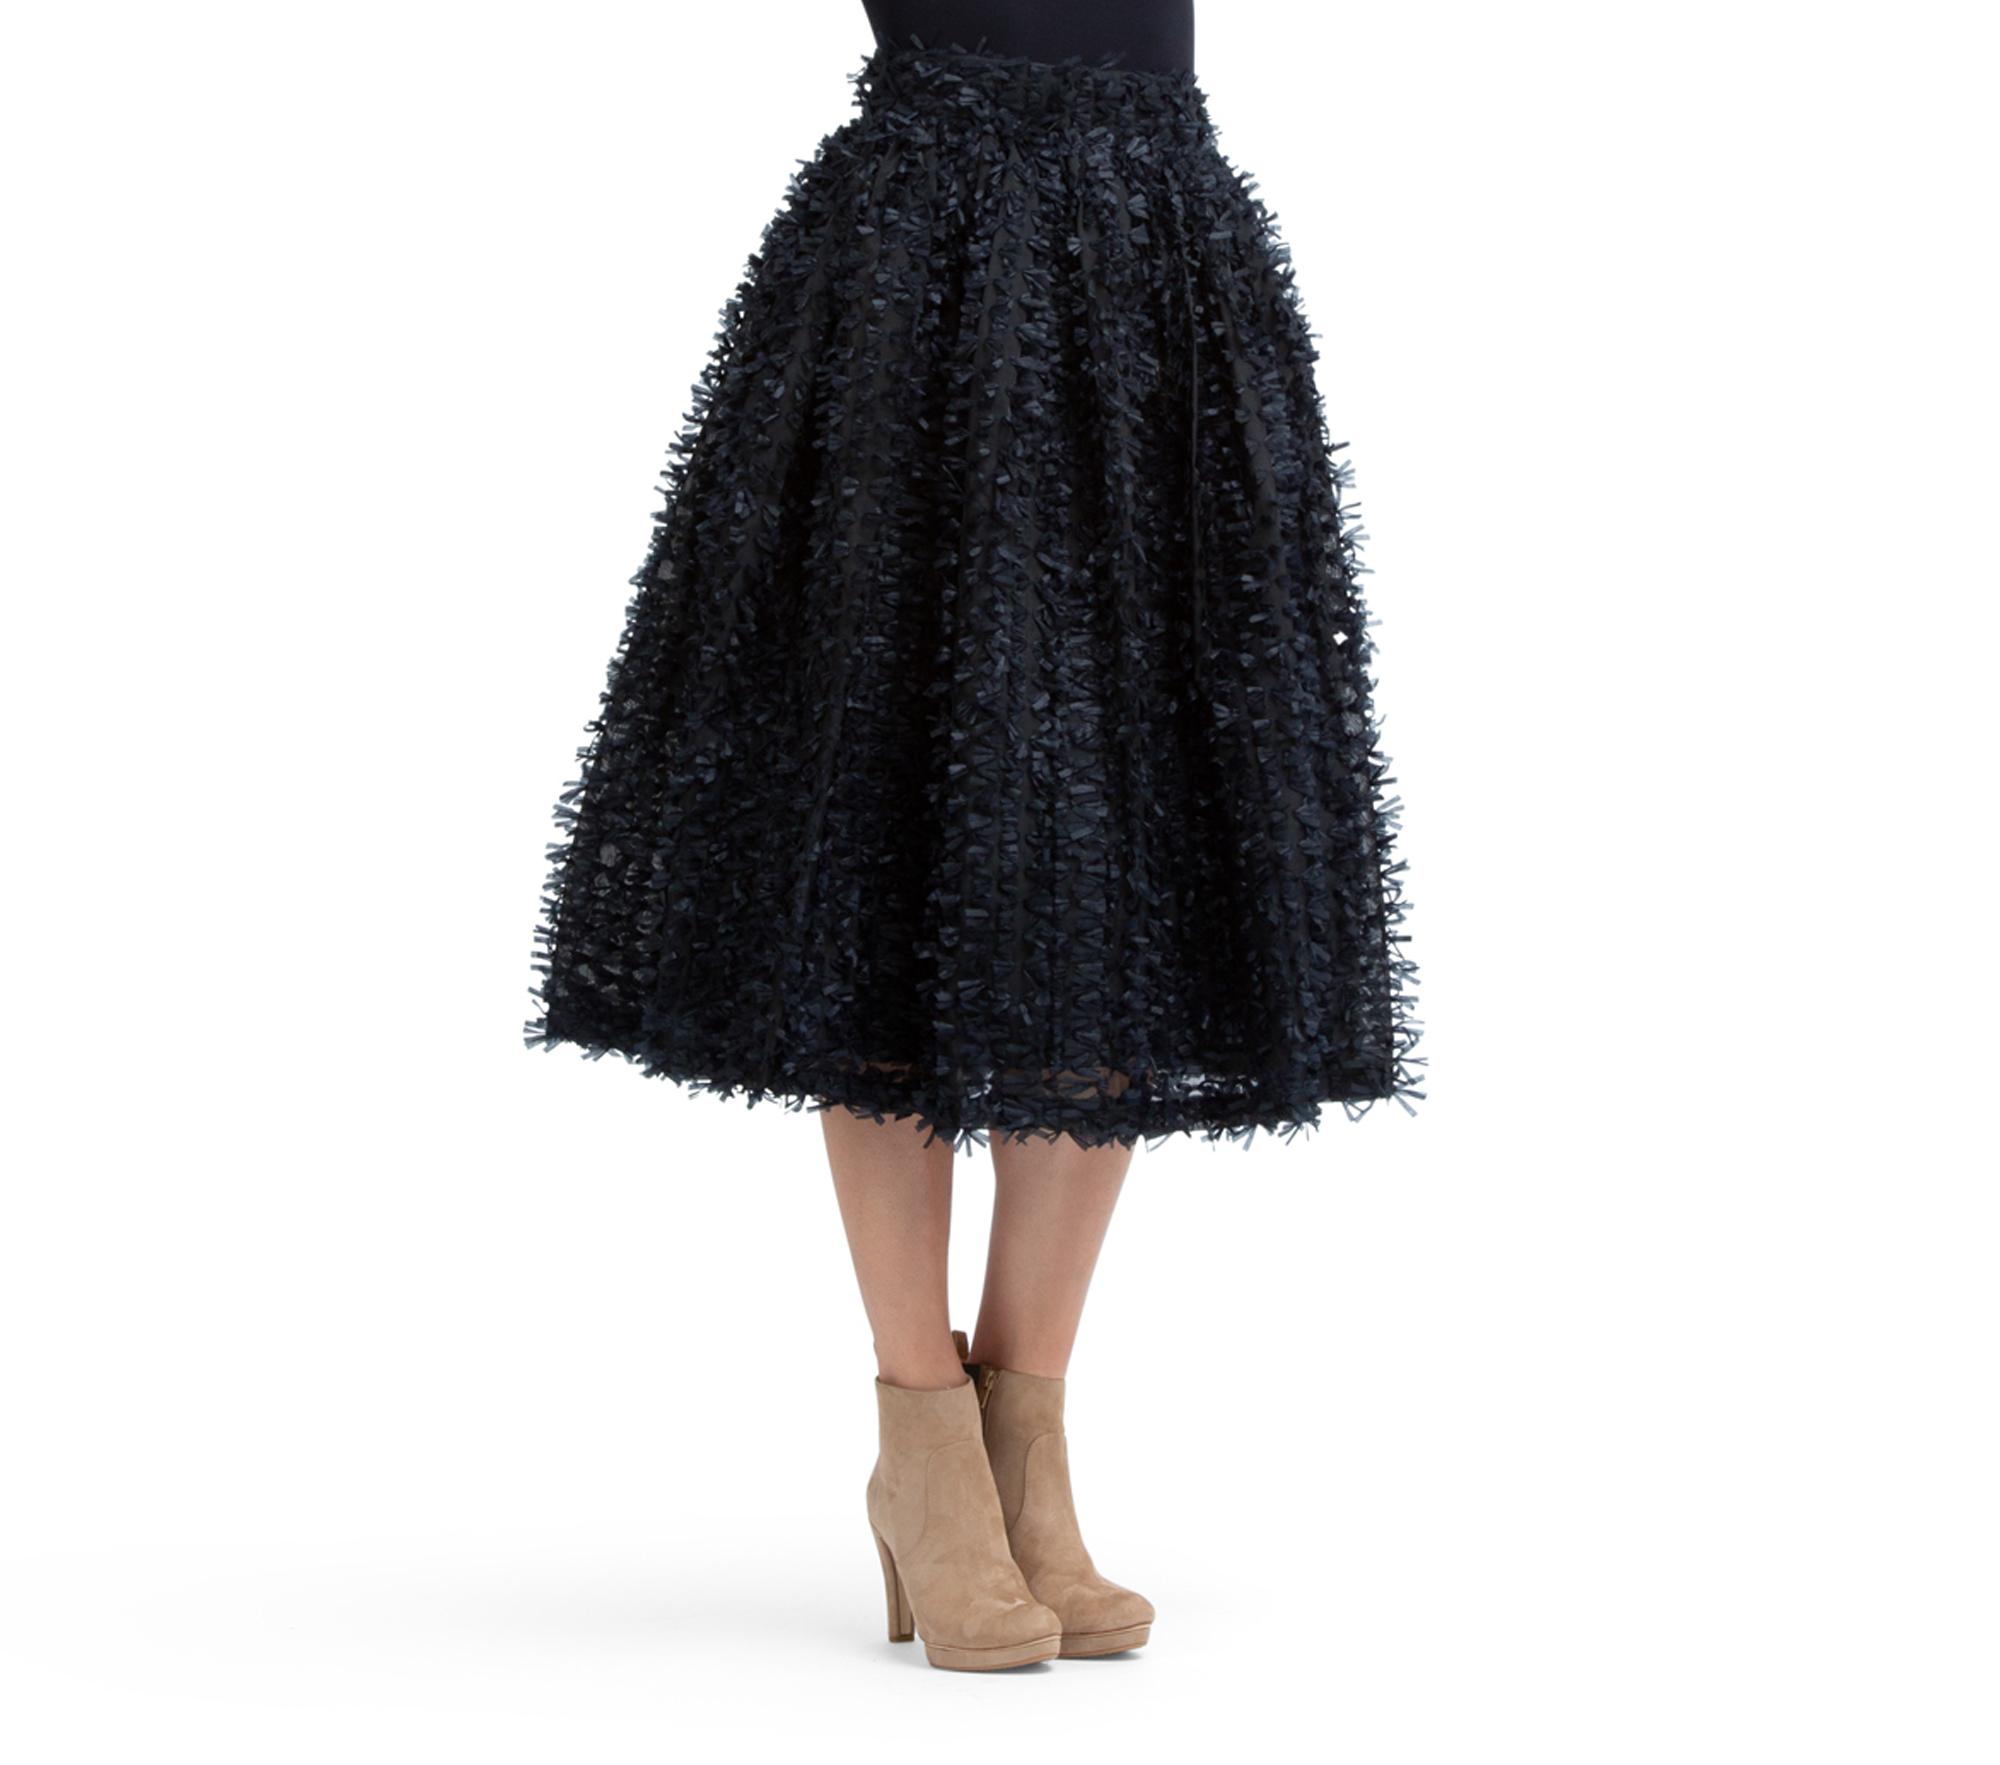 Opéra long-lenght tutu skirt